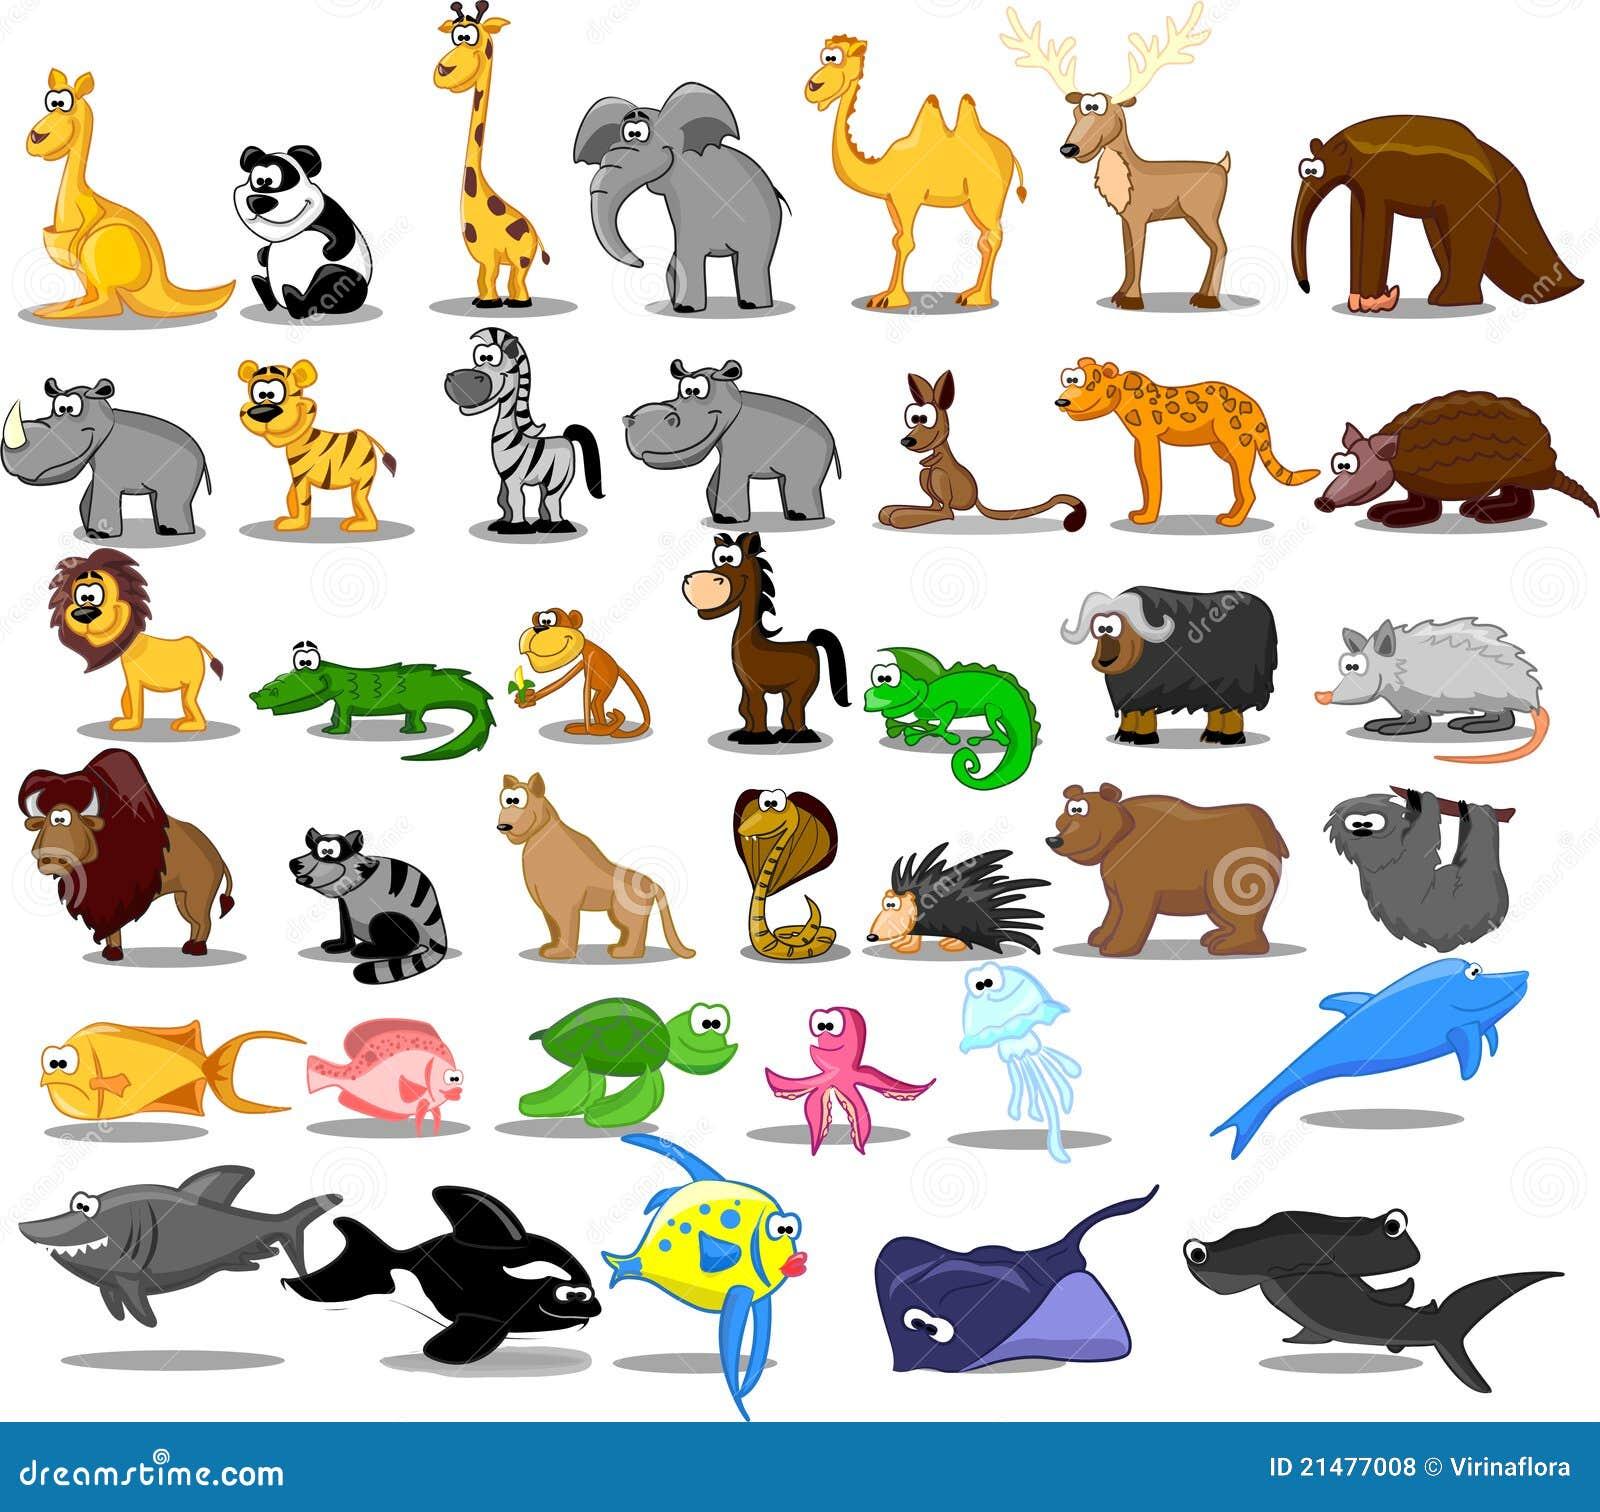 Buitengewoon brede reeks dieren met inbegrip van leeuw, kangaro